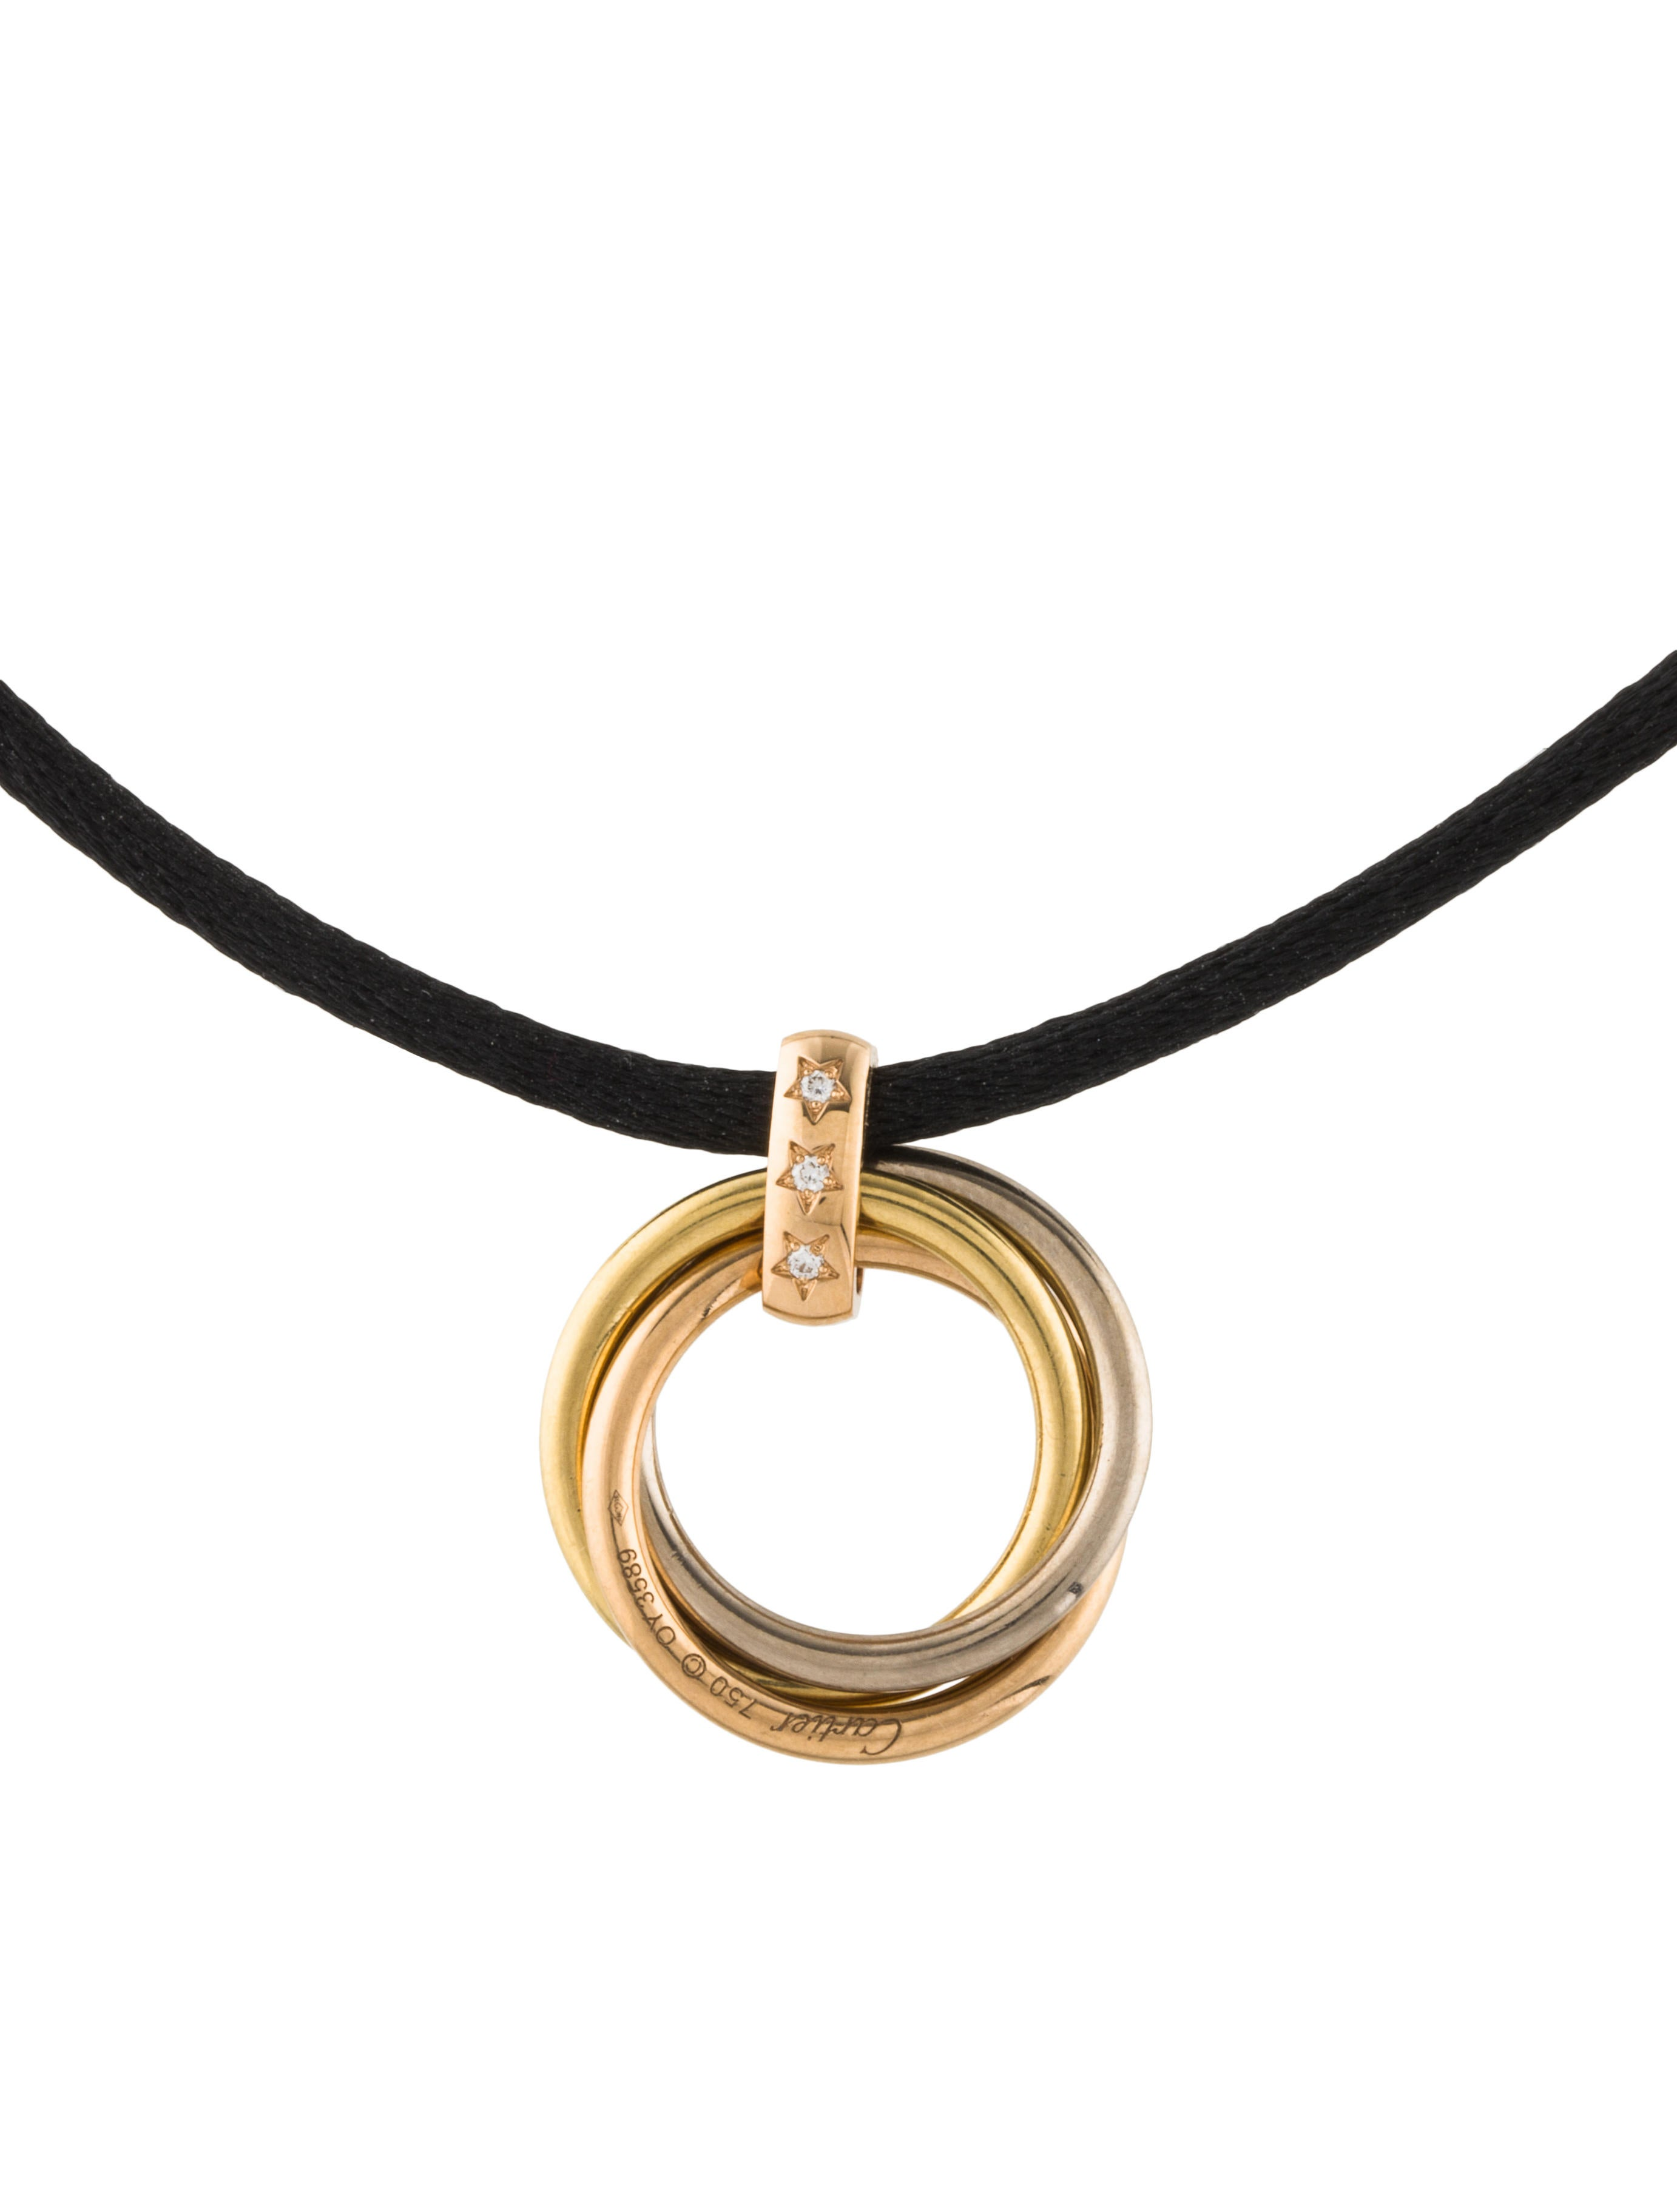 2307da8dd Cartier Jewelry | The RealReal